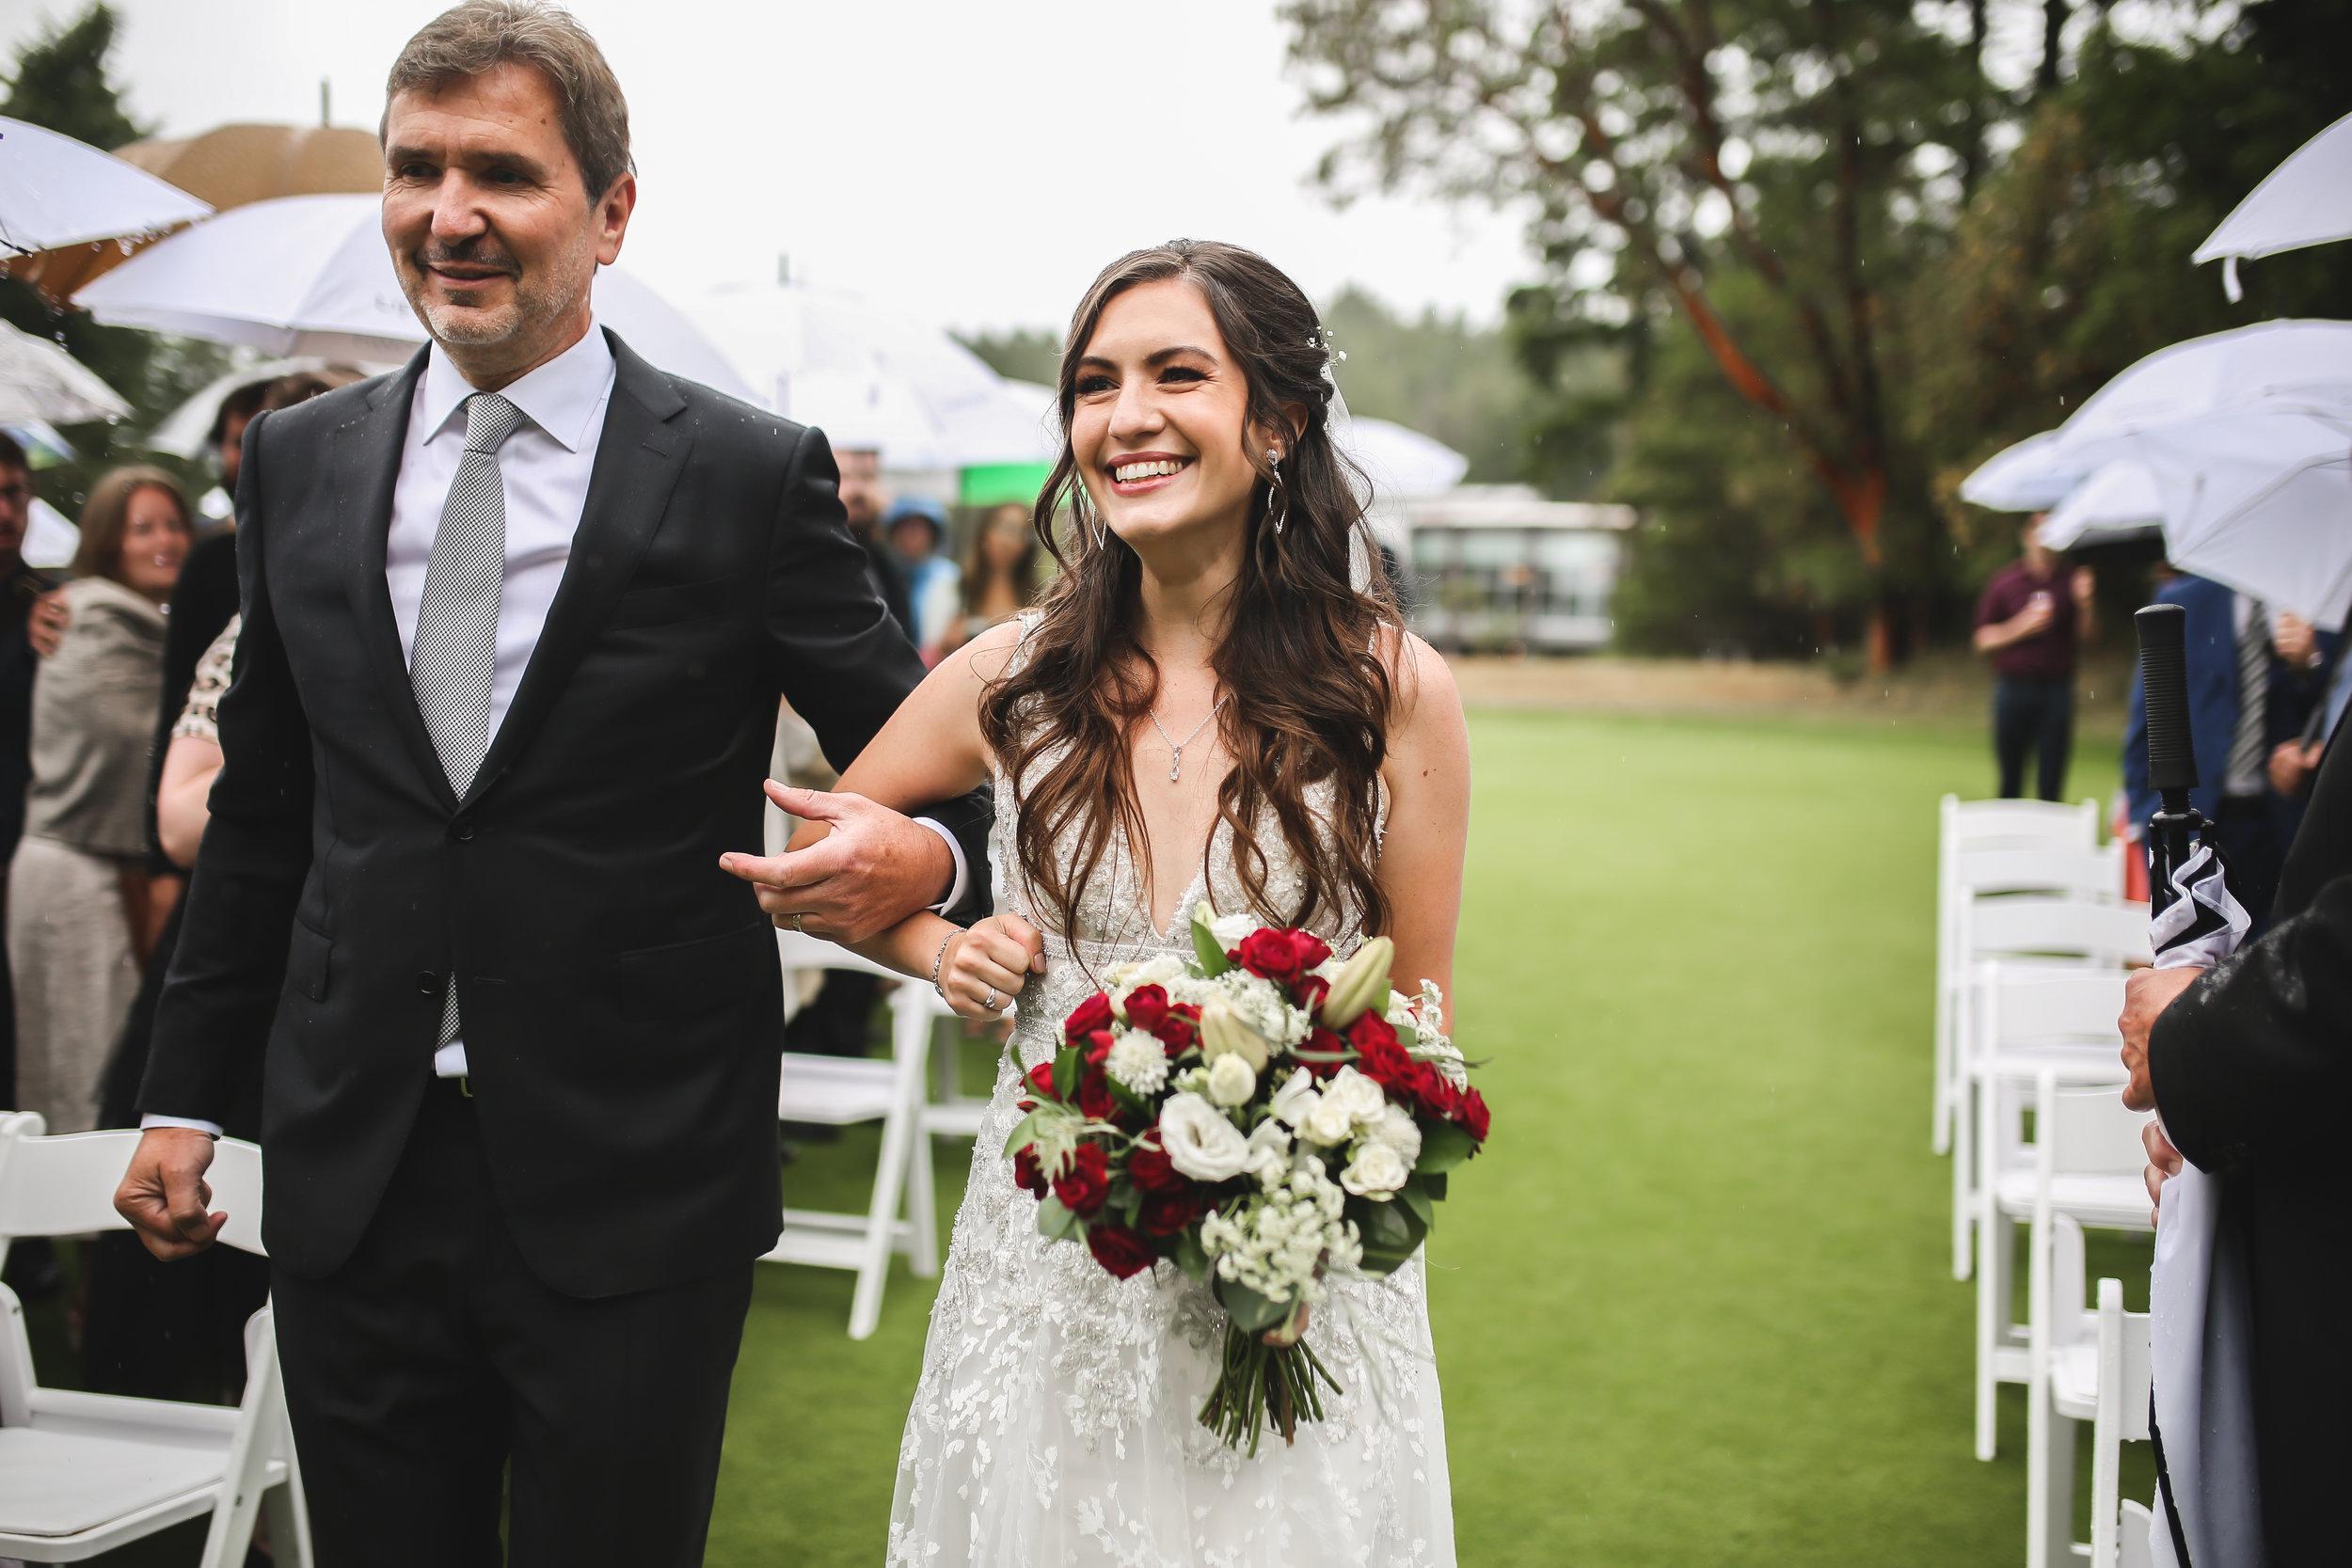 66 Adam Ziorio Photography - Allison & Austin's Wedding.jpg